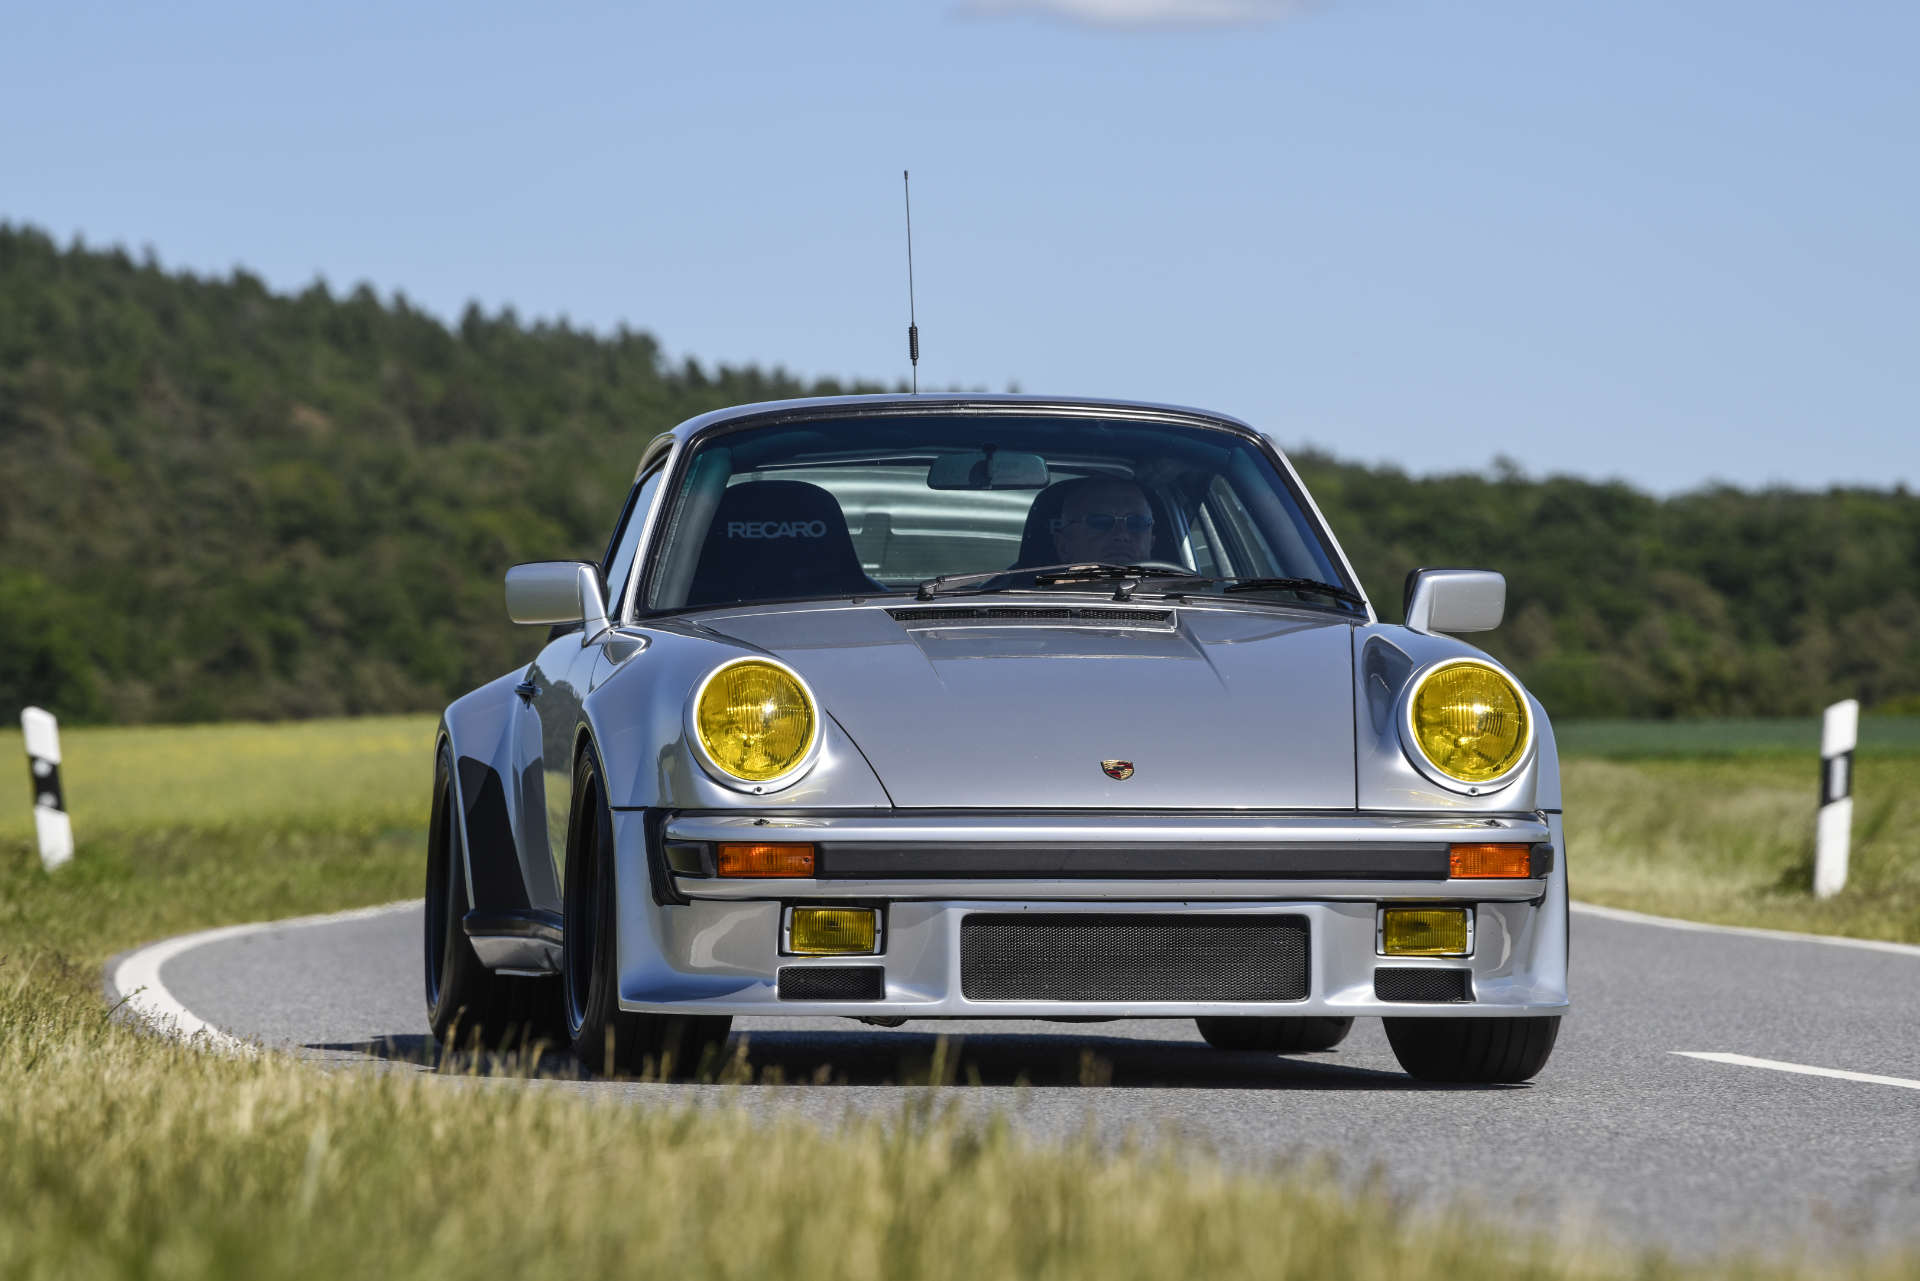 Porsche 911 Turbo Gruppe B Fahraufnahme vorne